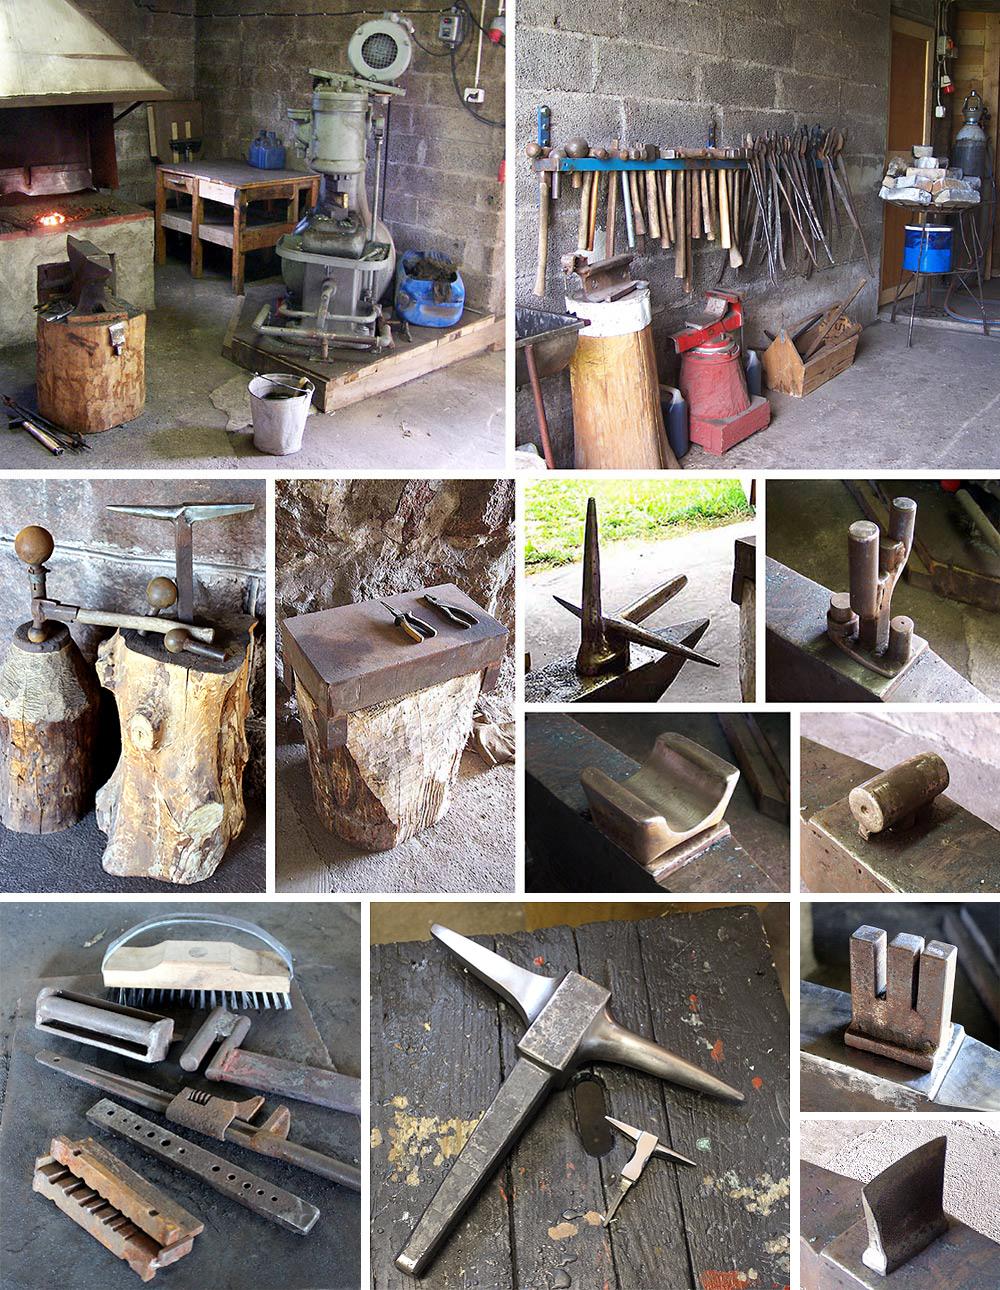 Blacksmith tools by Astalo